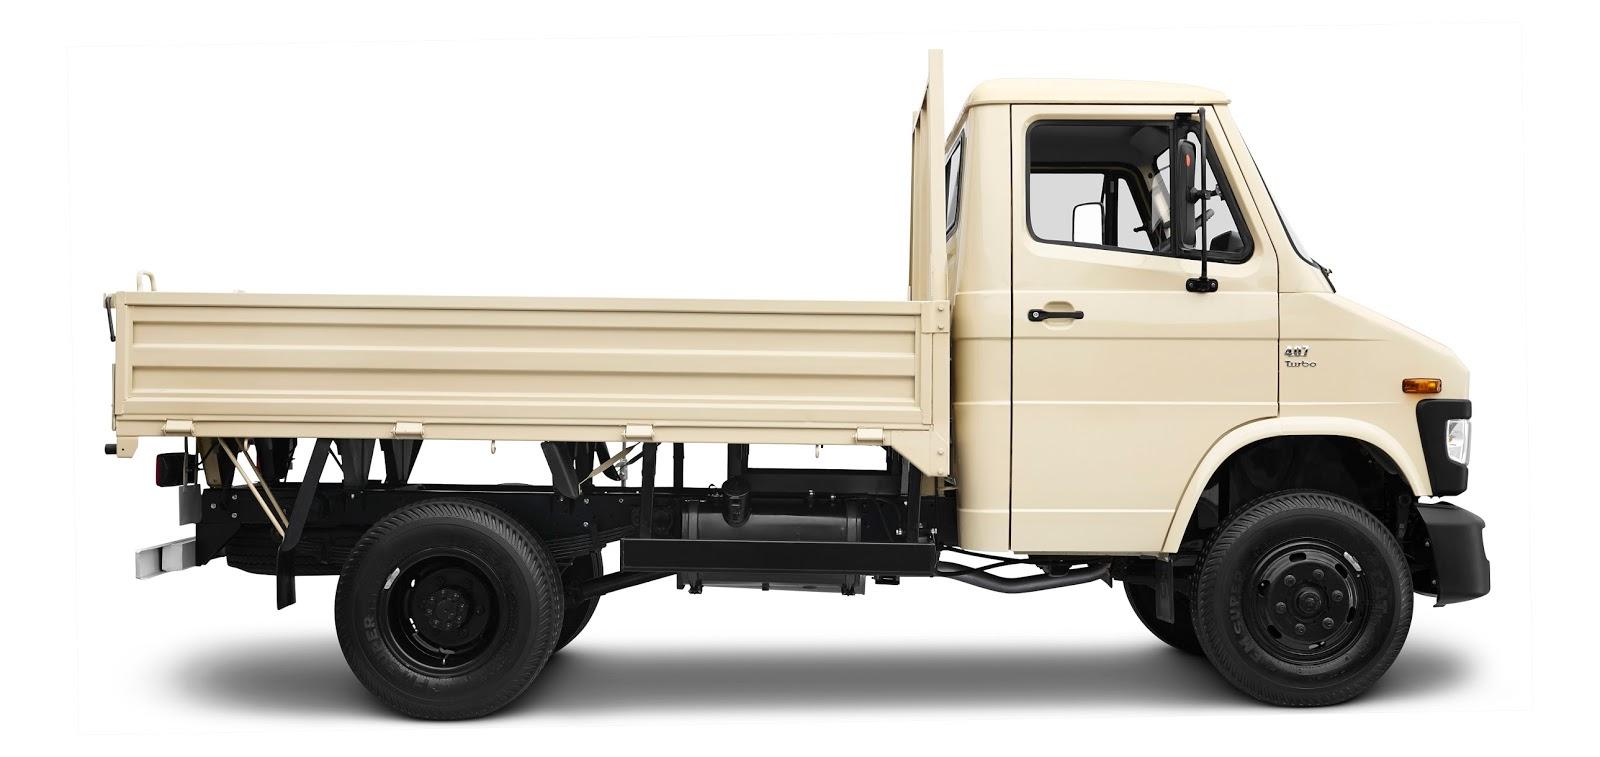 Tata SFC 407 EX HT Truck Price